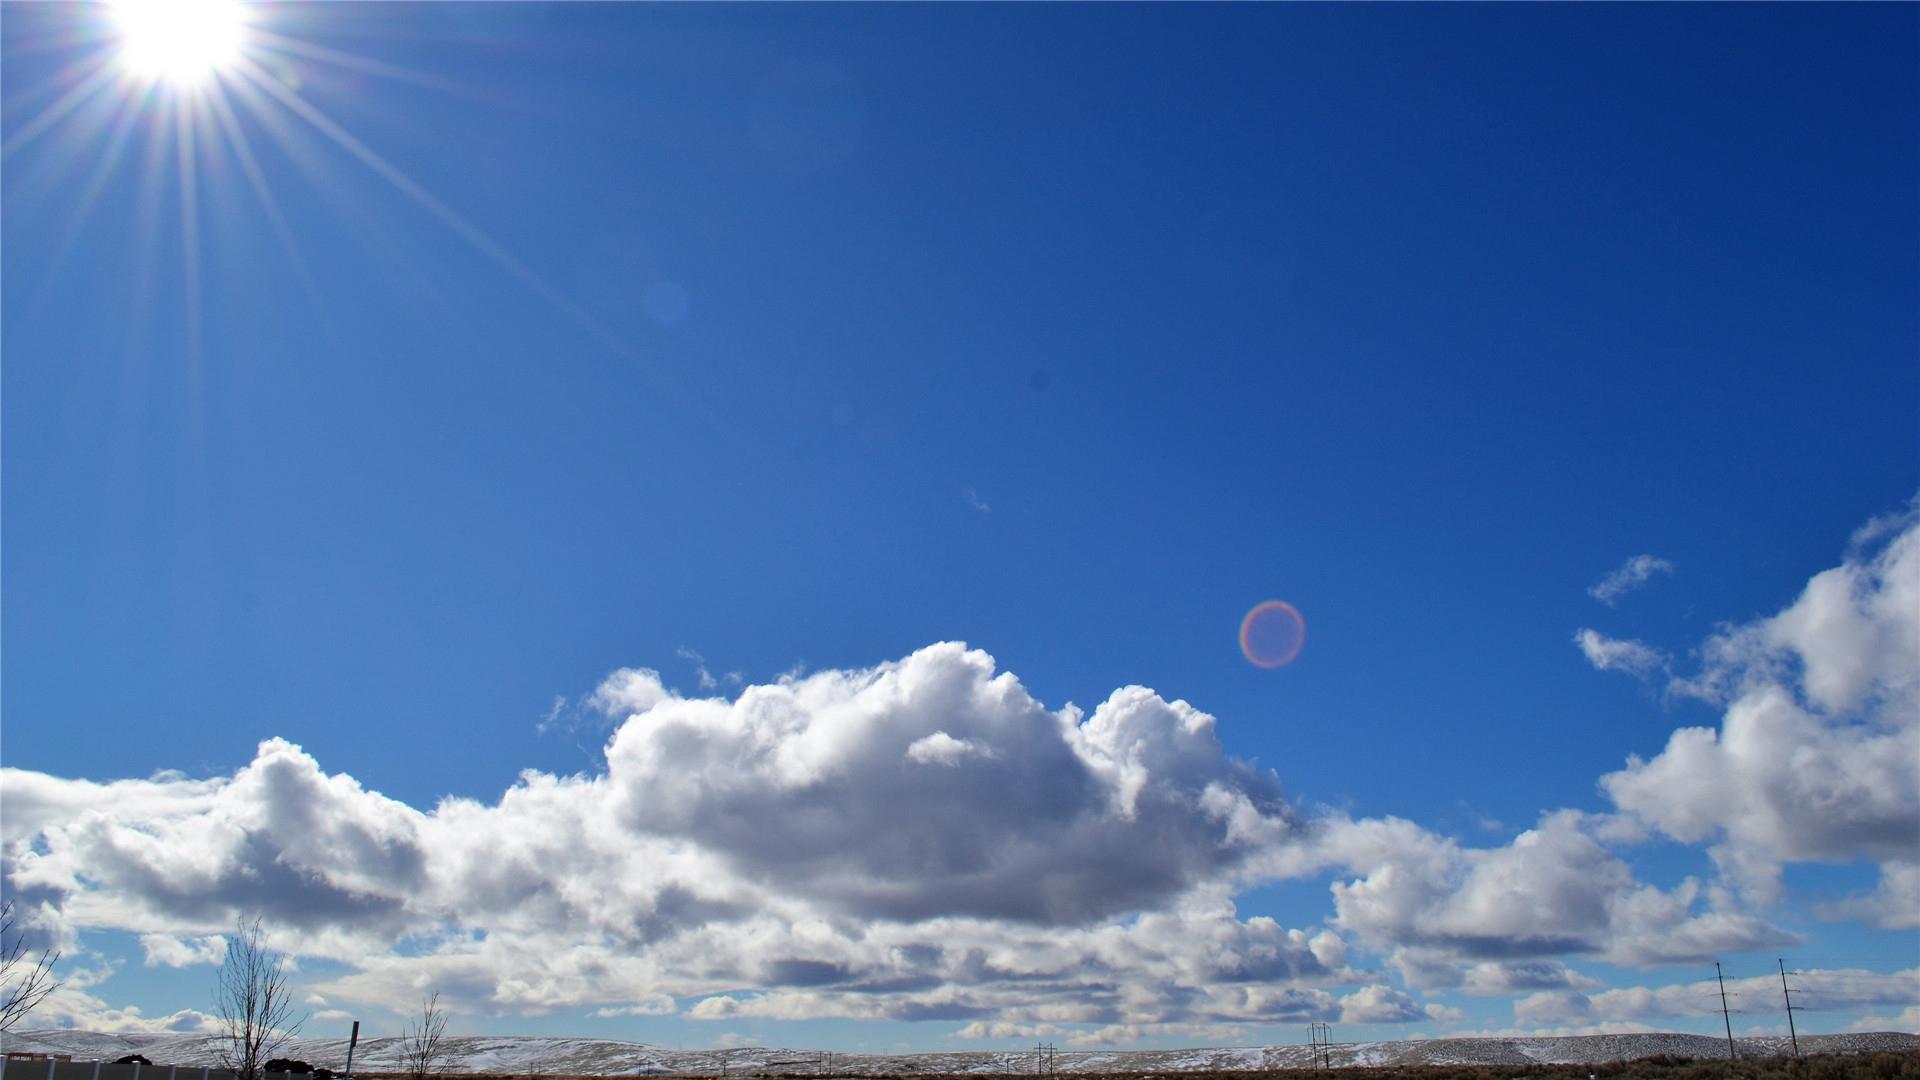 风景大片,蓝天白云,太阳,阳光,高原,云朵